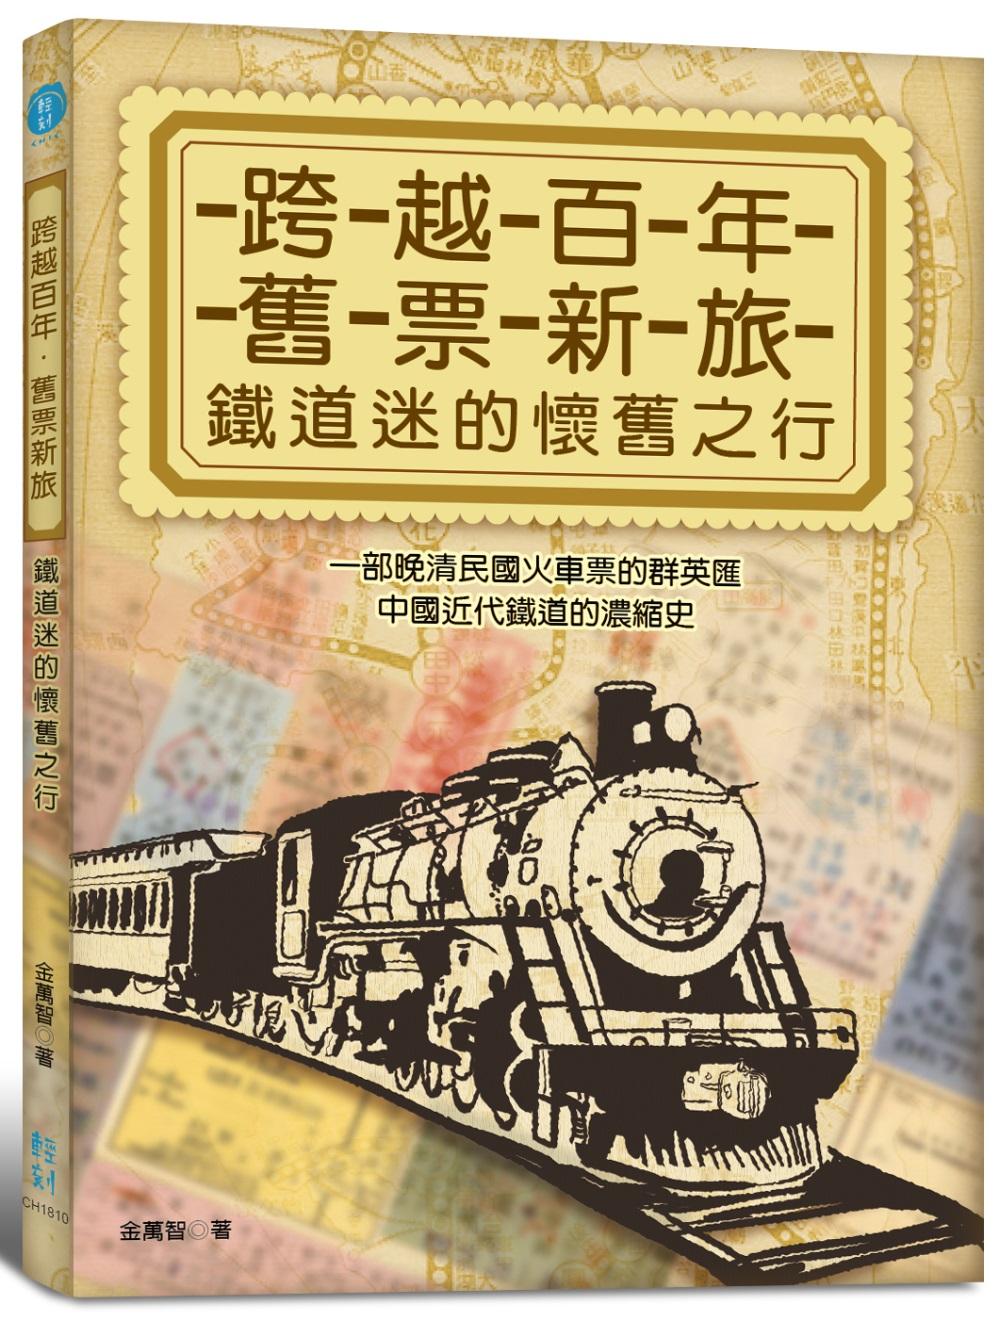 跨越百年,舊票新旅:鐵道迷的懷舊之行